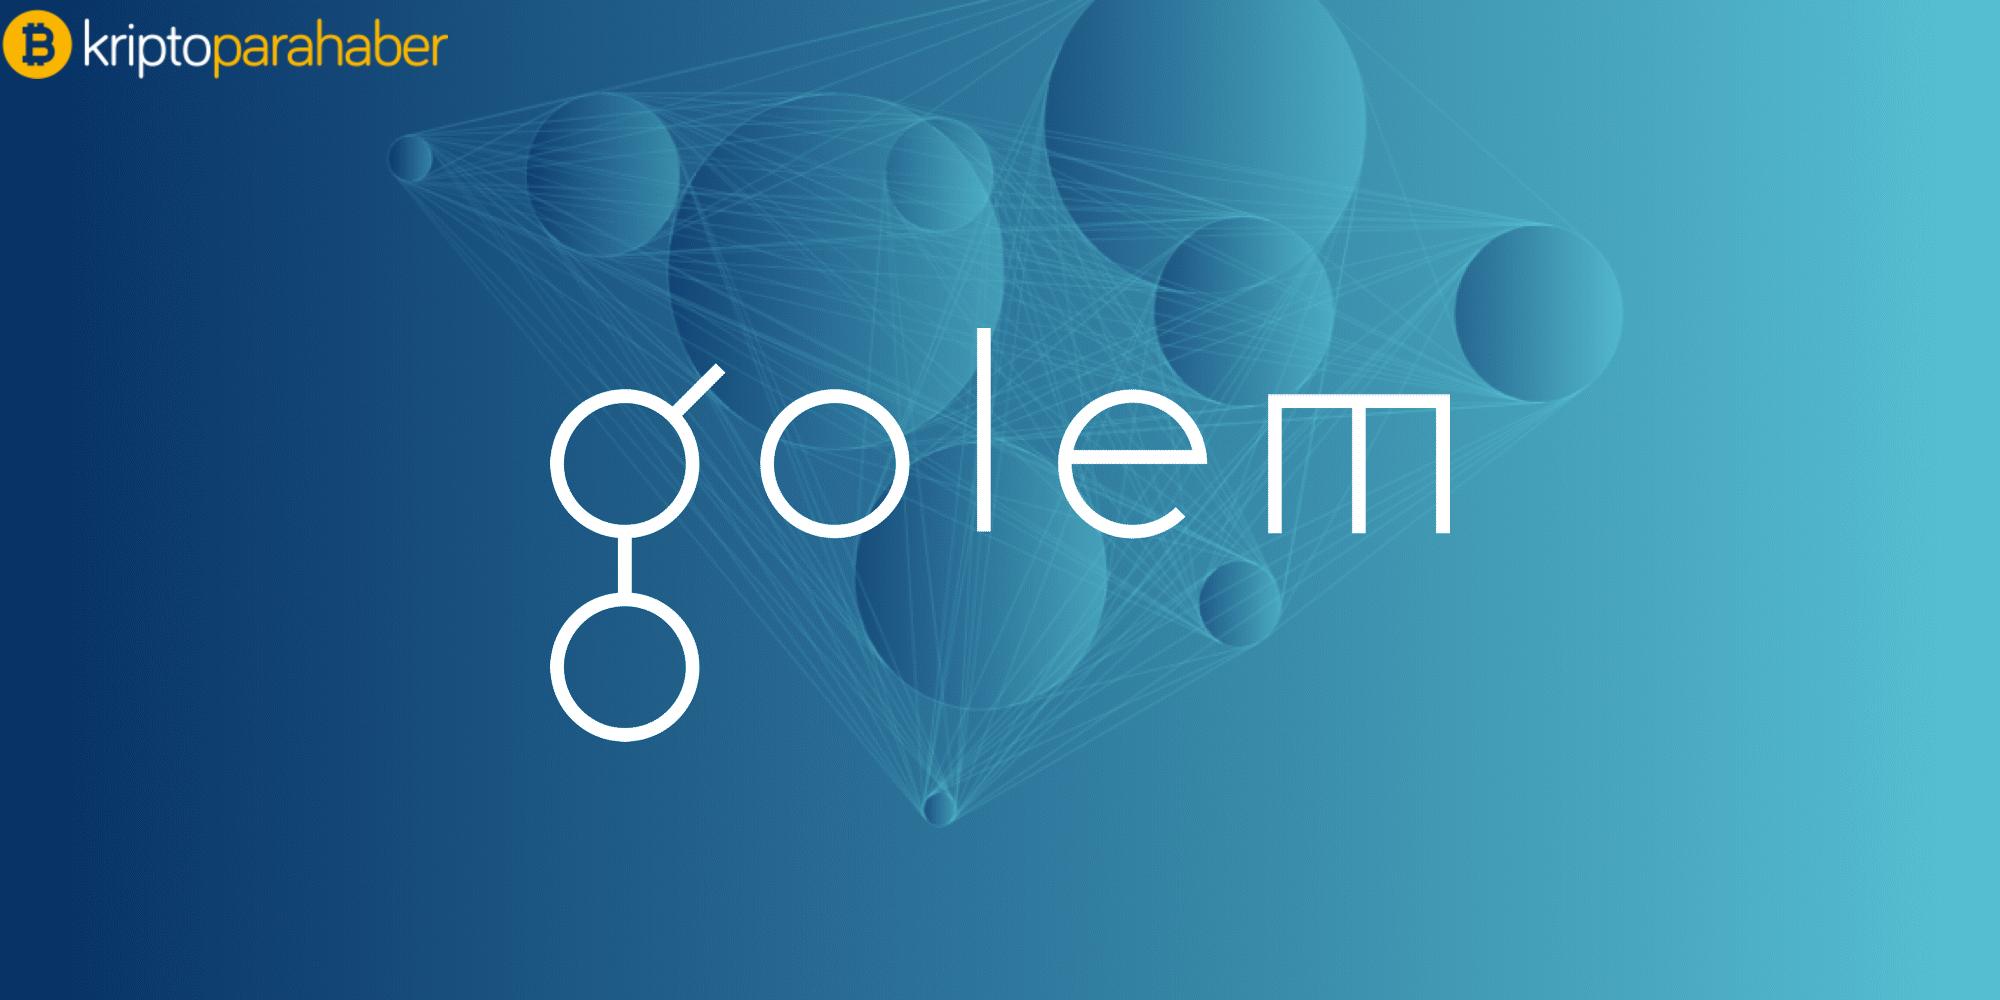 Golem (GNT) kripto parasının geleceği